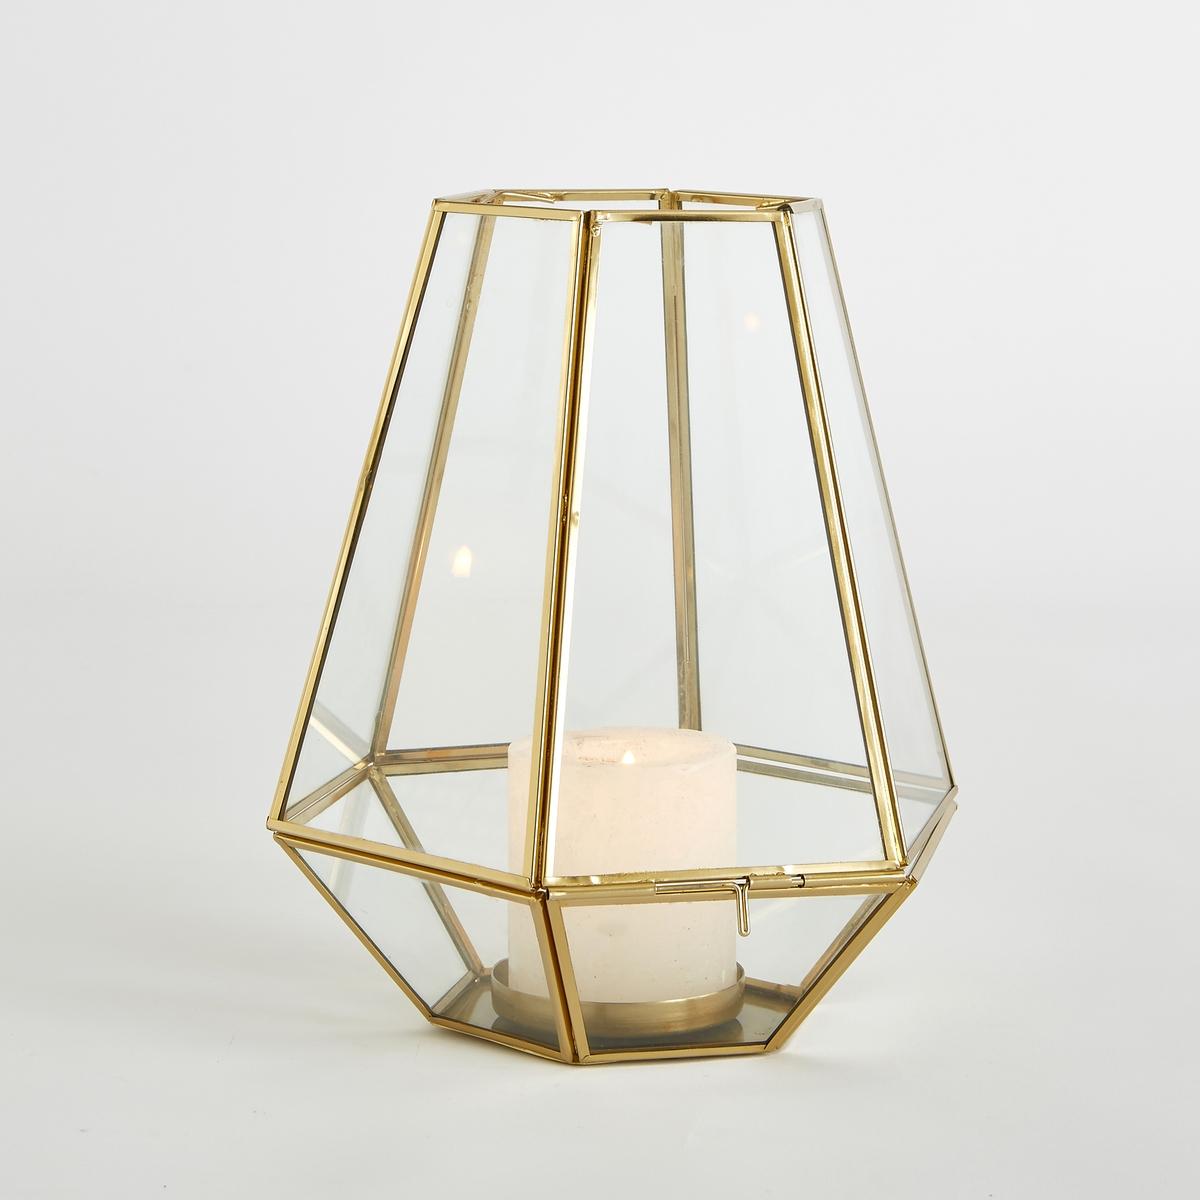 Подсвечник из стекла и металла Miludi декоративные свечи ганг подсвечник madeleine 8х15х17 см